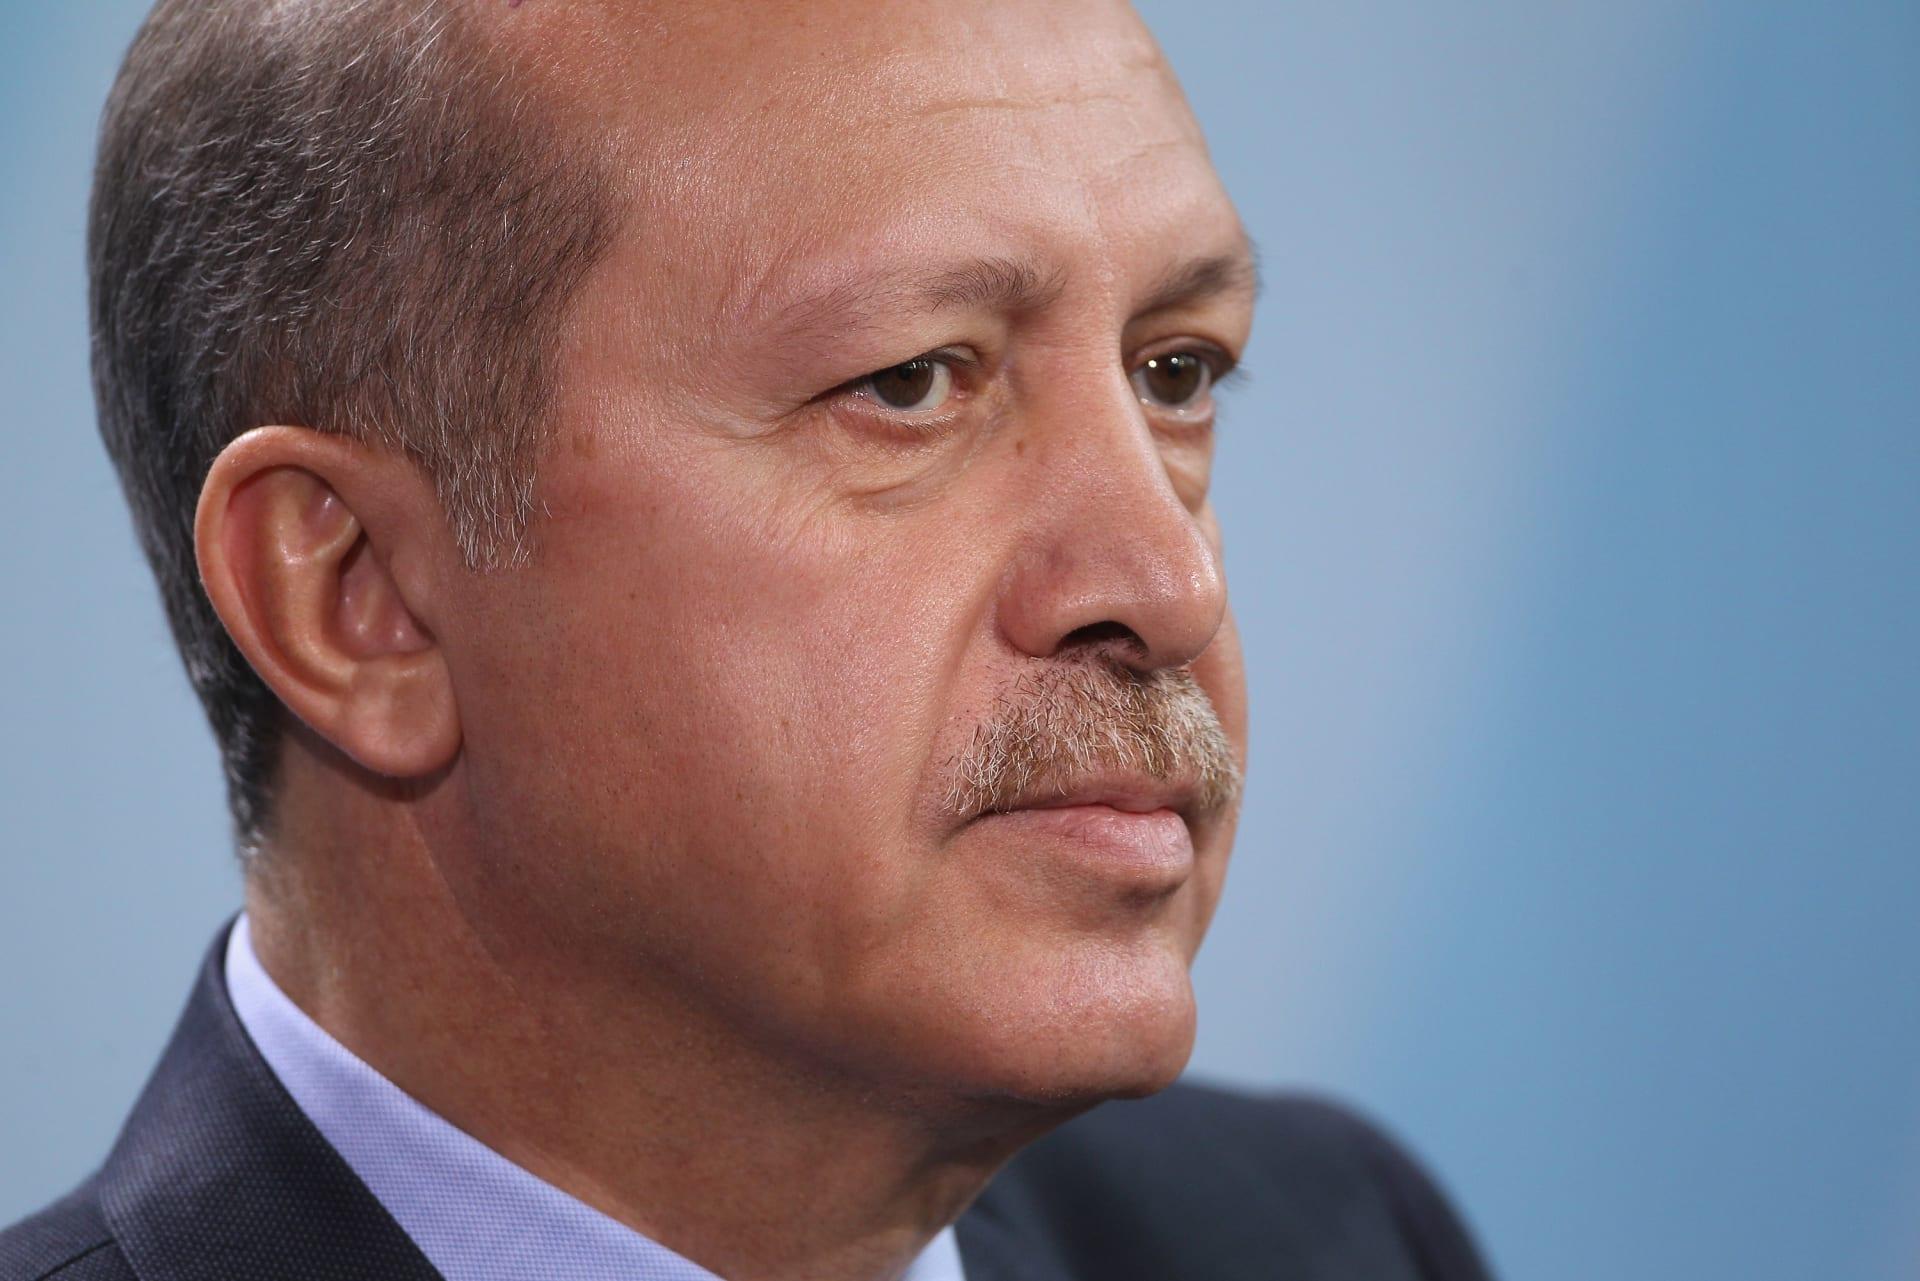 لافتات تدعو لقتل أردوغان بمظاهرة في بيرن.. وتركيا تستدعي نائب السفير السويسري